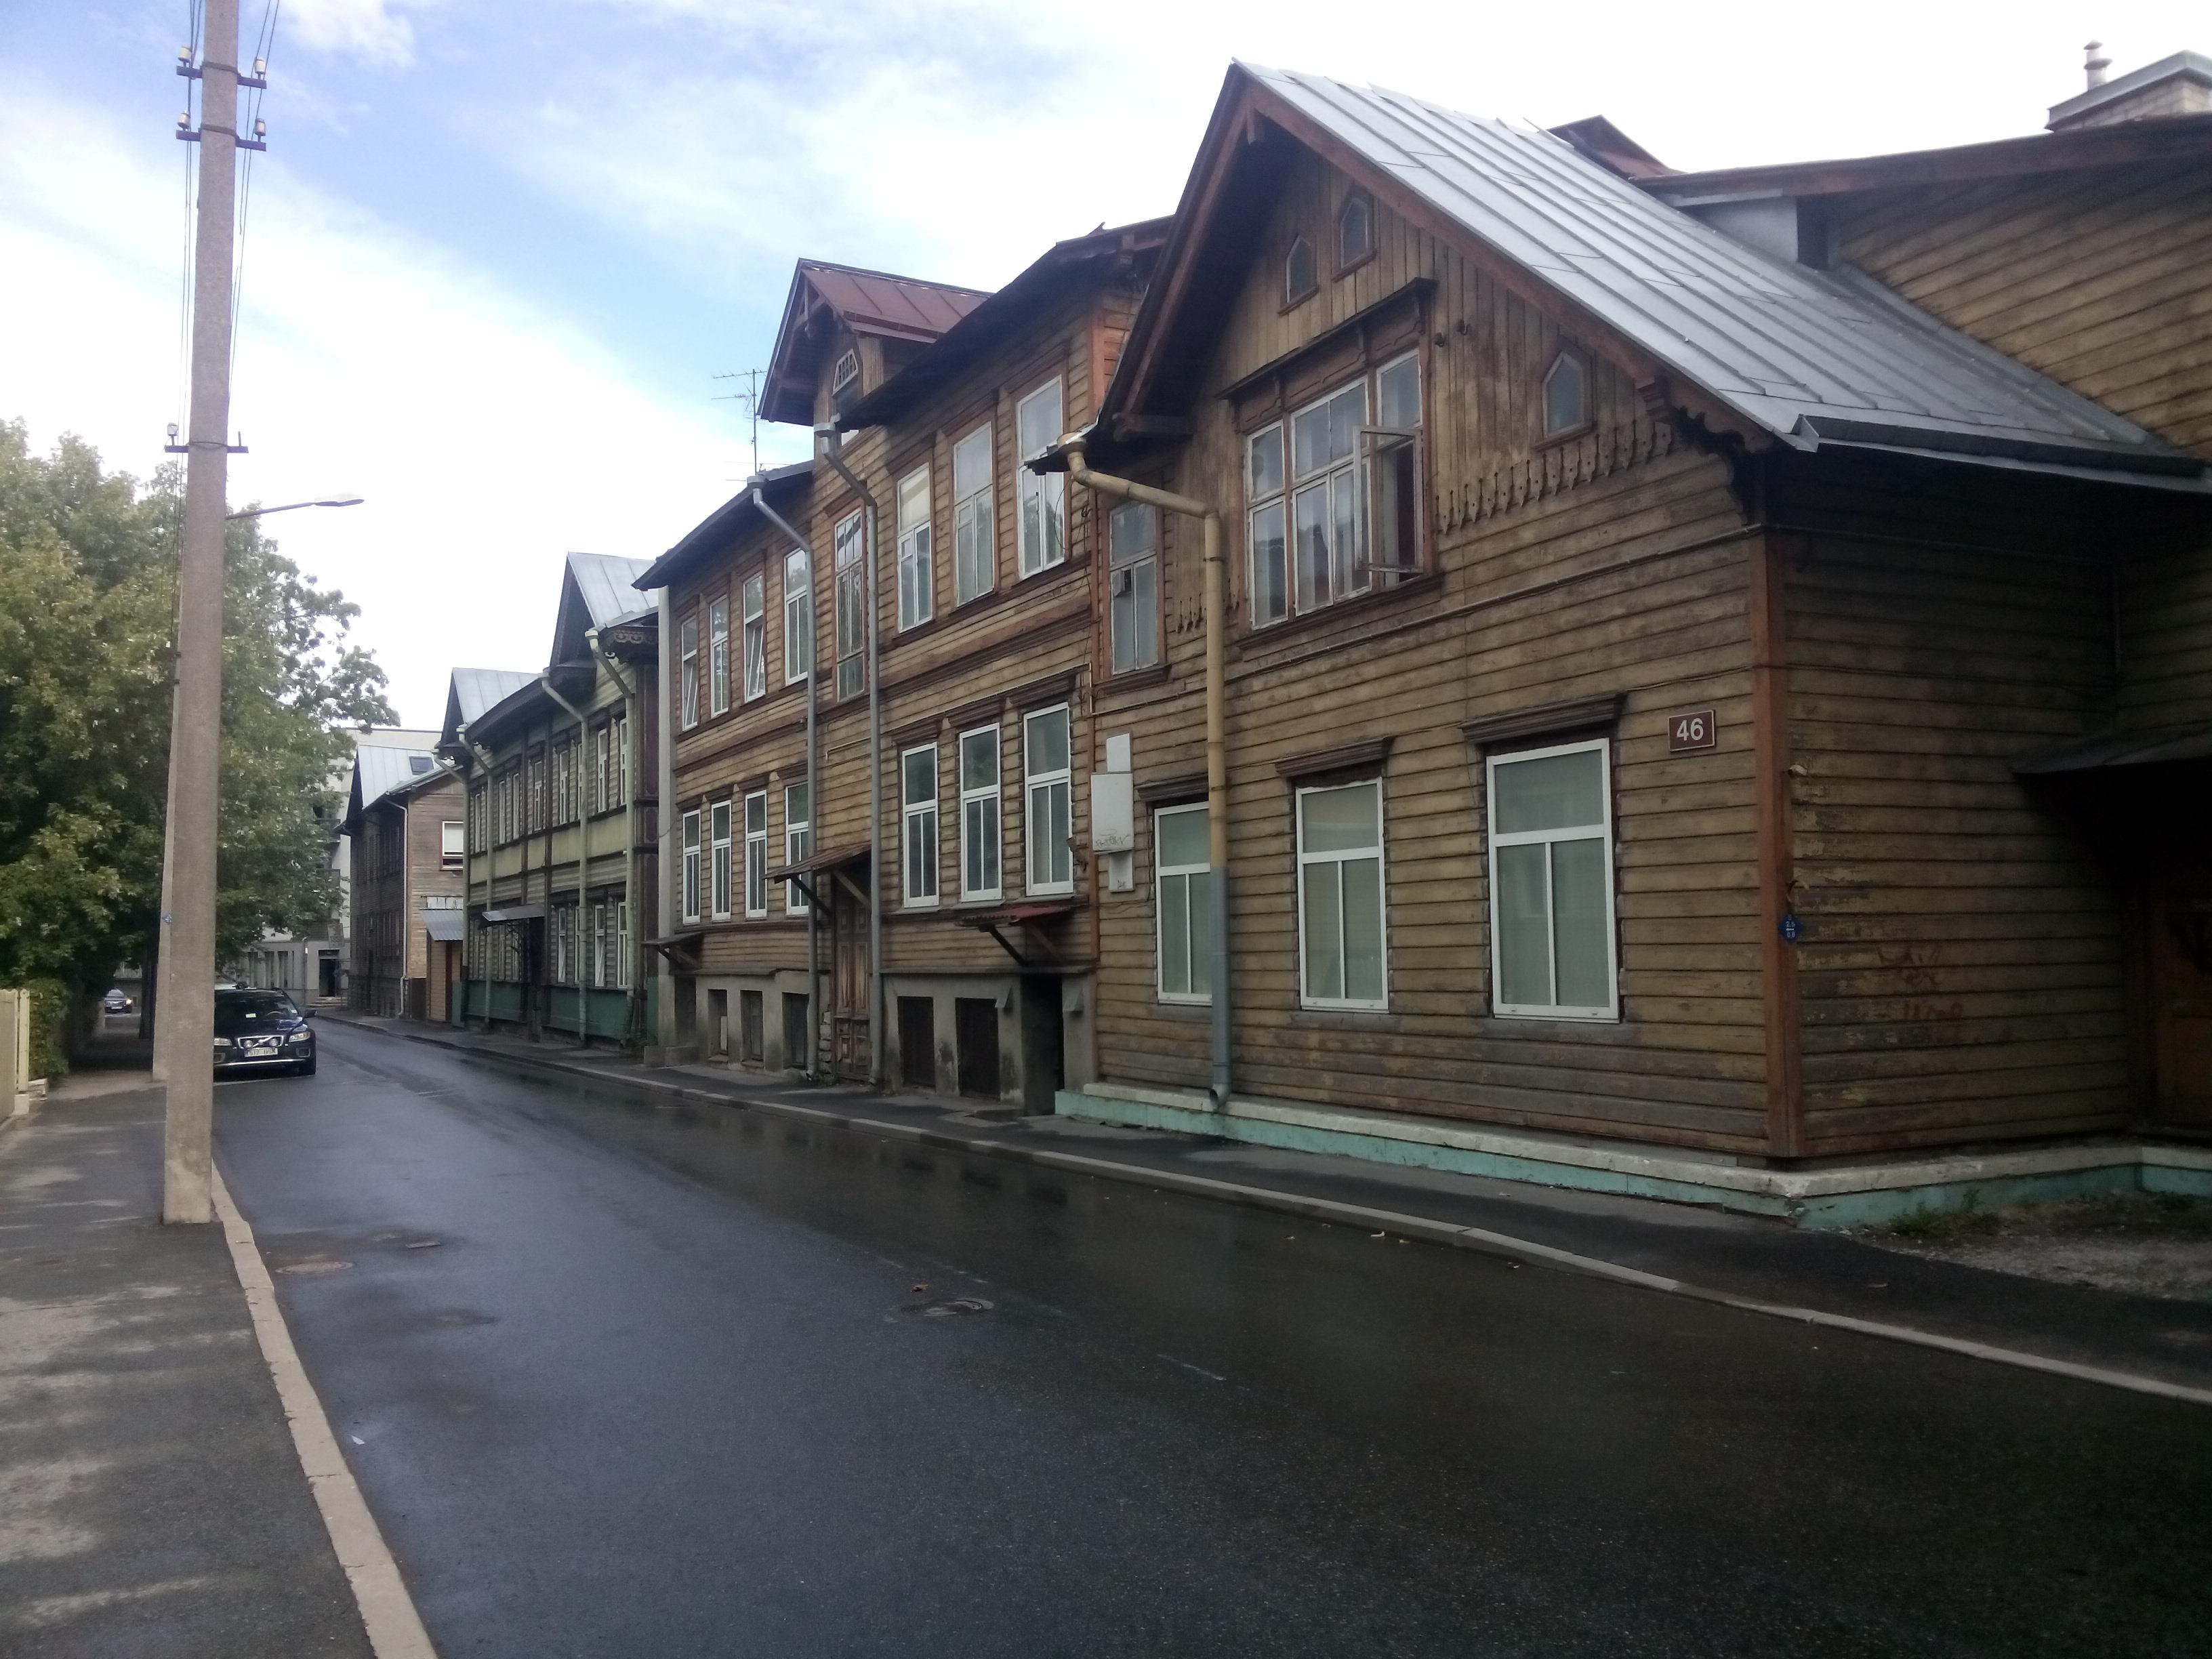 https://i.amy.gy/201808-estonia/IMG_20180812_145309.jpg